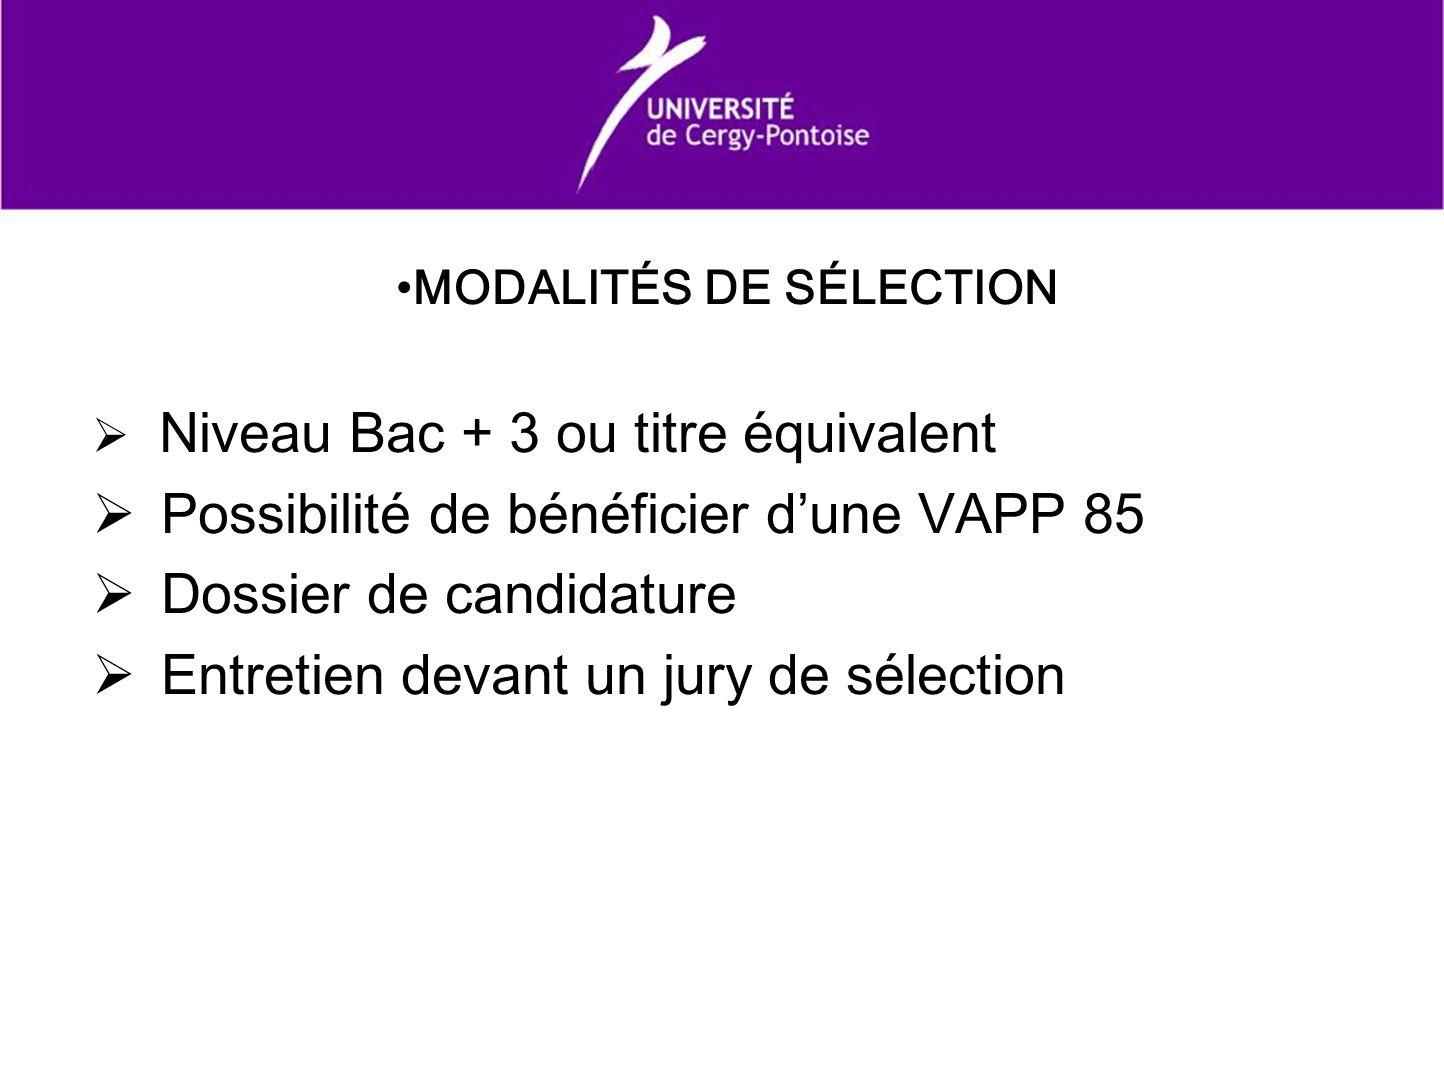 MODALITÉS DE SÉLECTION Niveau Bac + 3 ou titre équivalent Possibilité de bénéficier dune VAPP 85 Dossier de candidature Entretien devant un jury de sé